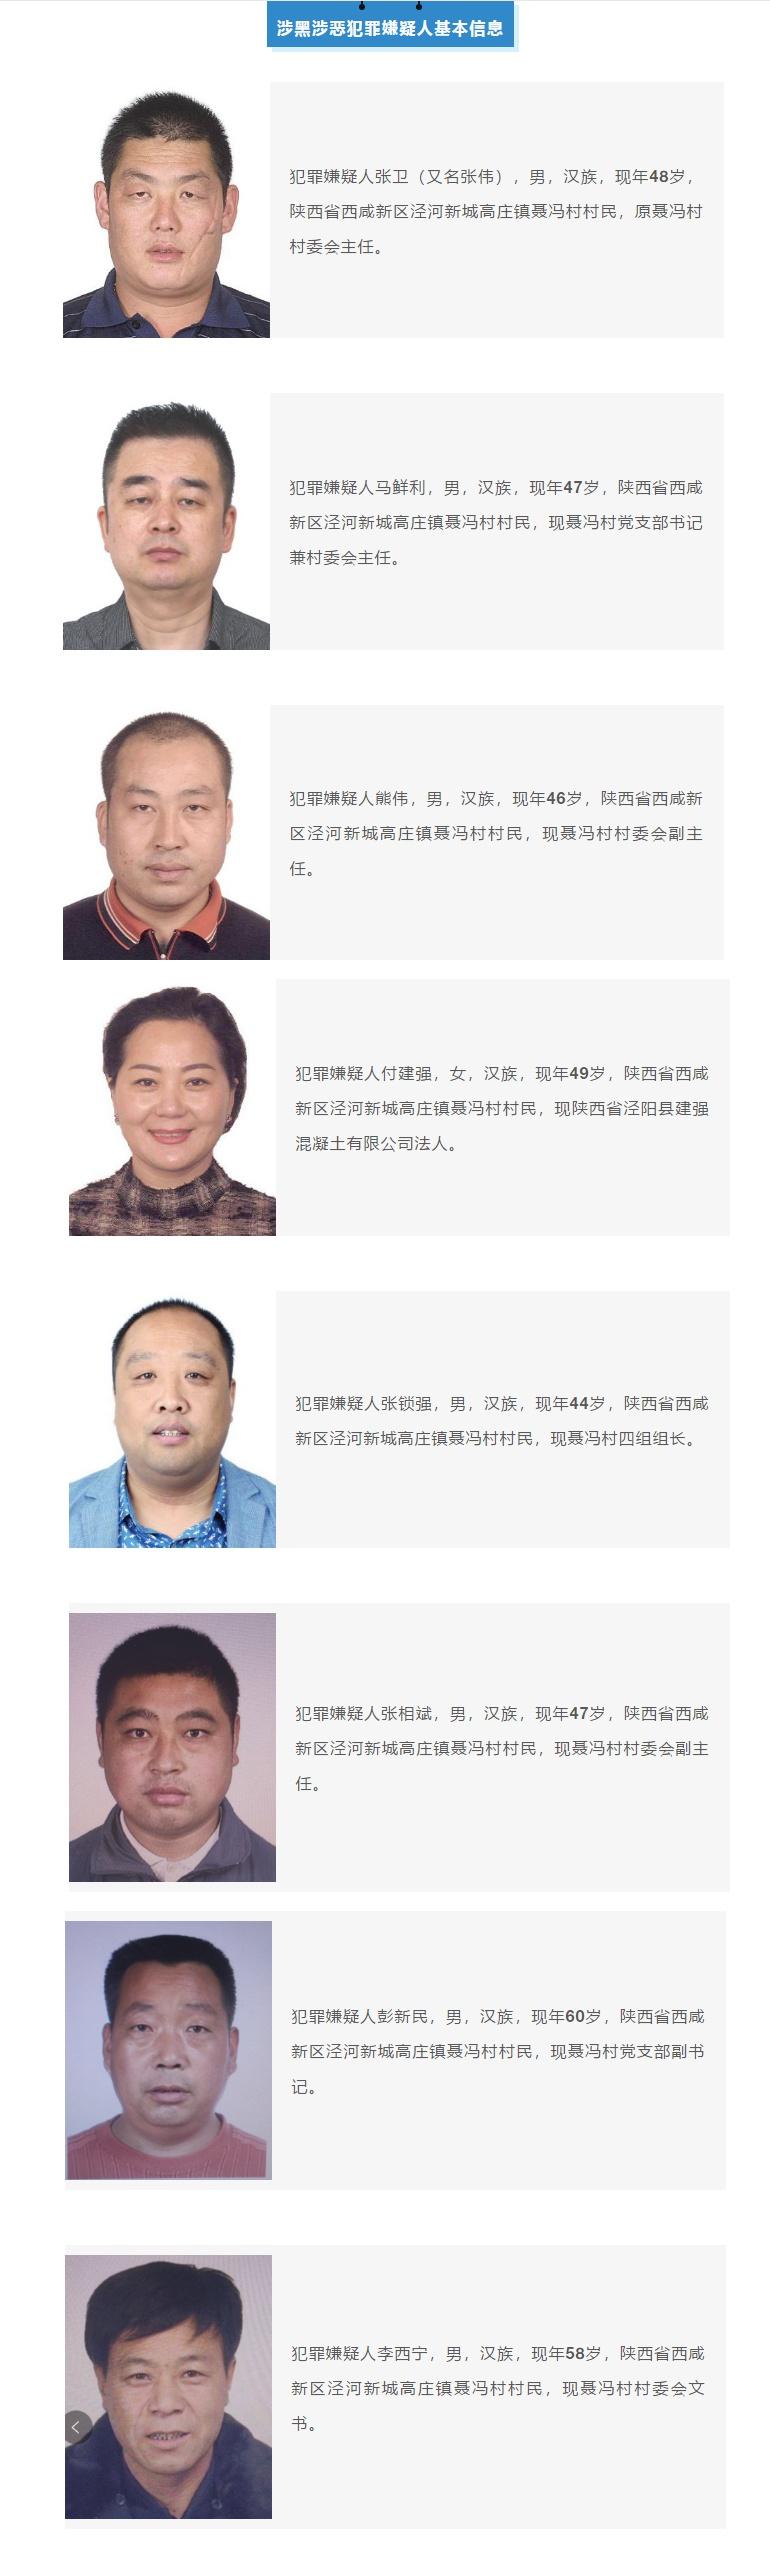 陕西省西咸新区警方征集一涉黑恶团伙犯罪线索:多名成员为村干部图片